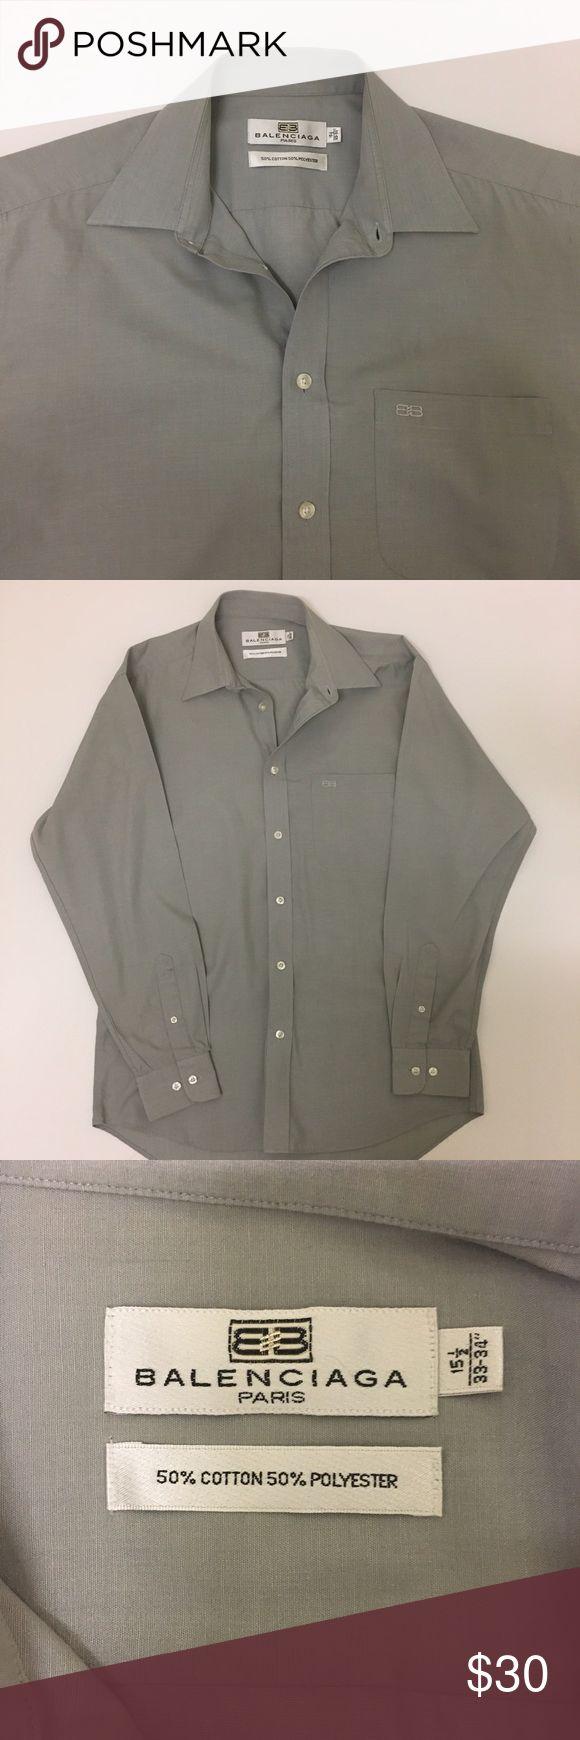 BALENCIAGA grey button down shirt BALENCIAGA grey button down shirt in good condition. Balenciaga Shirts